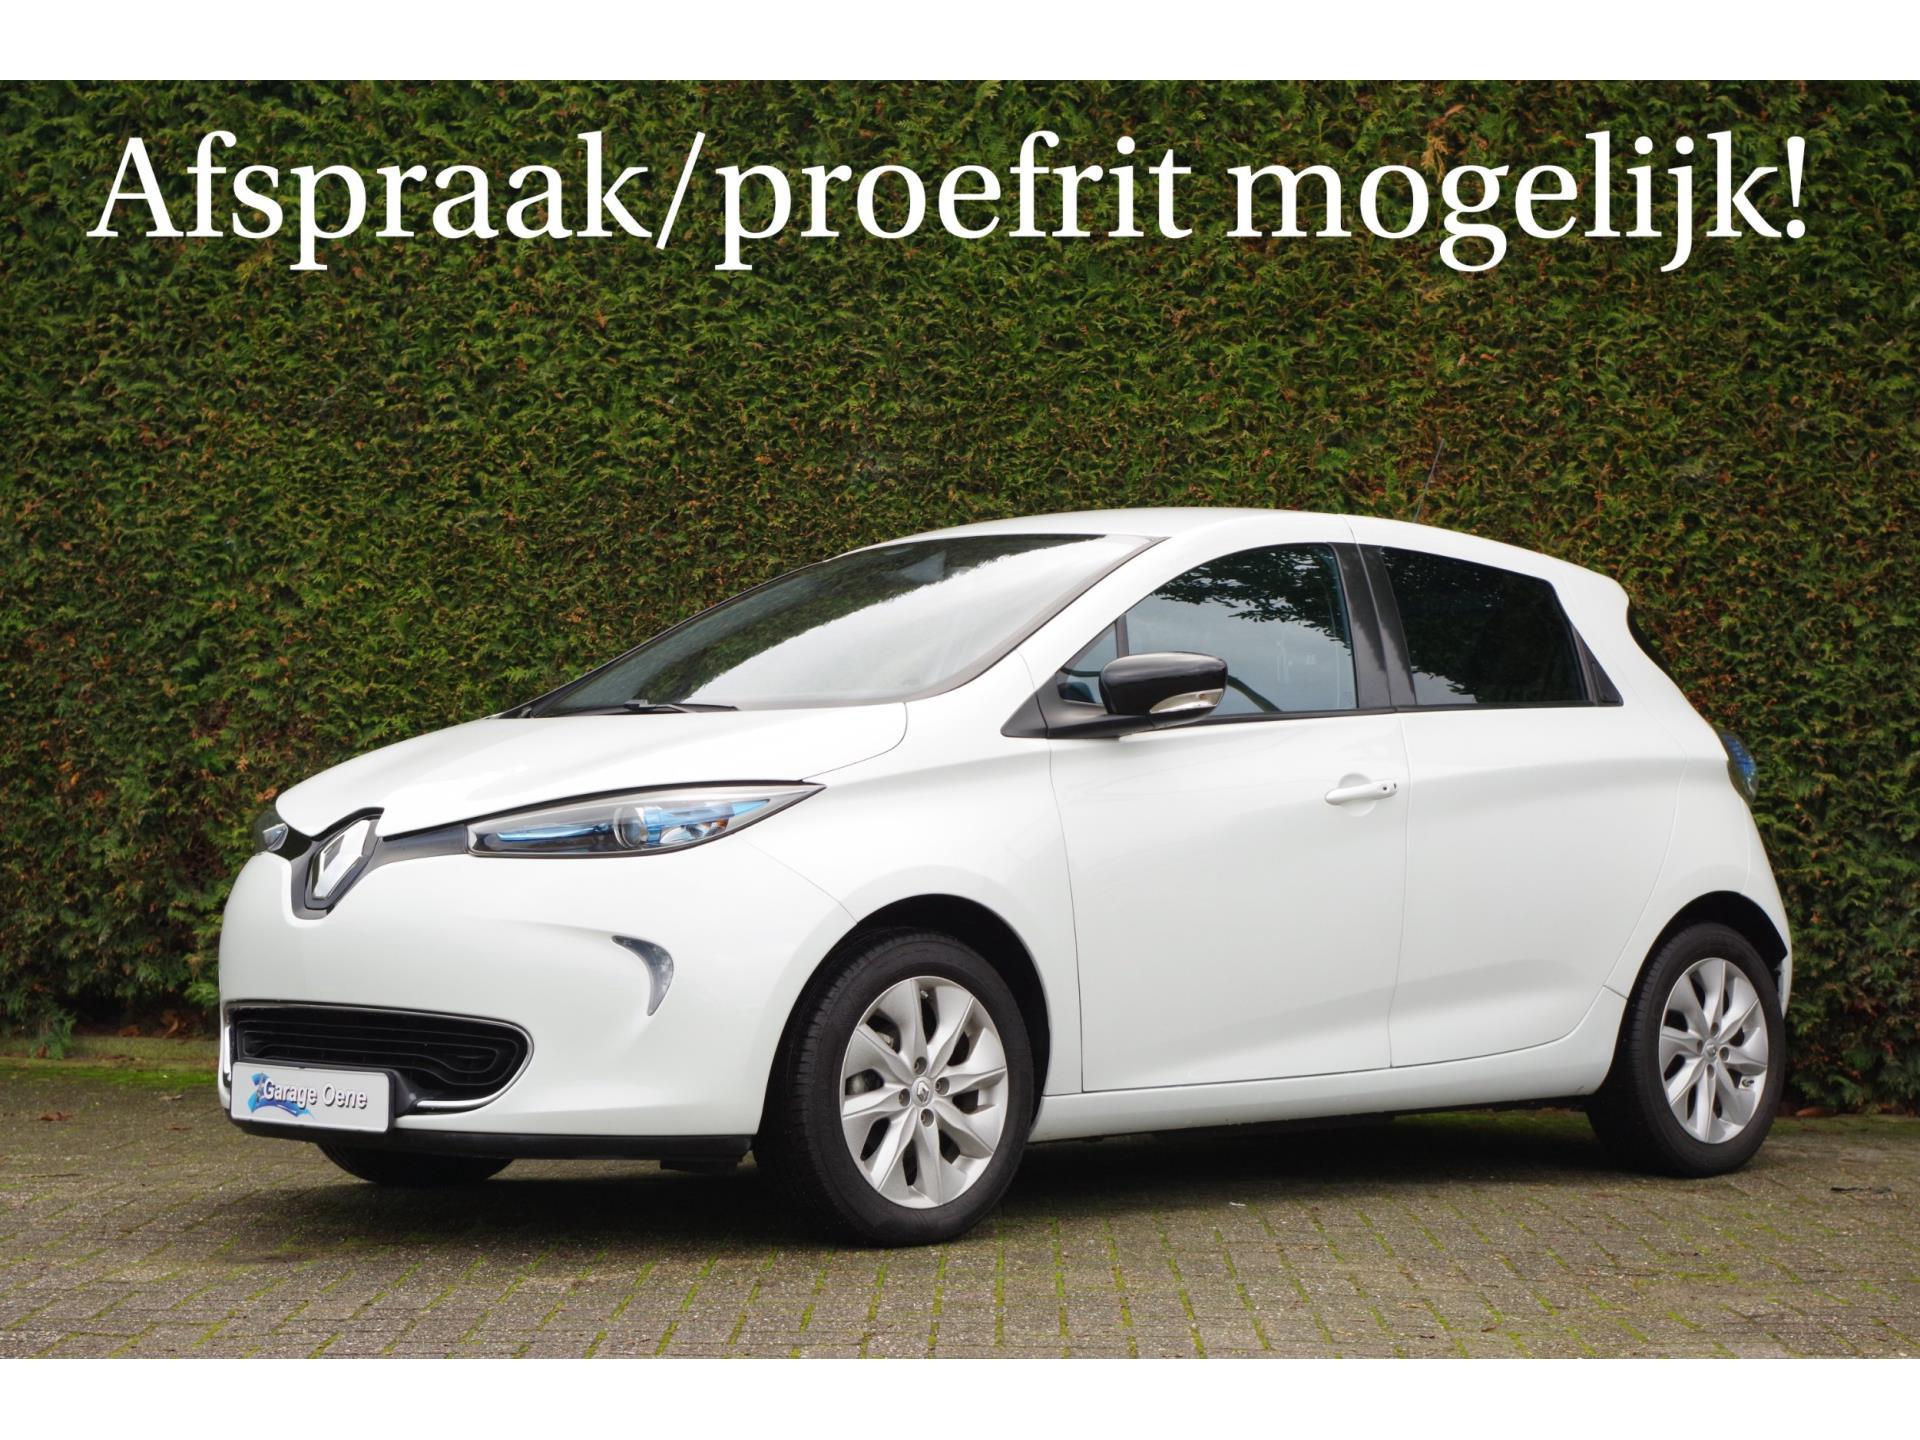 RenaultZoe - Q210 Zen Quickcharge 22 kWh (ex Accu) €2000, - Overheidsubsidie